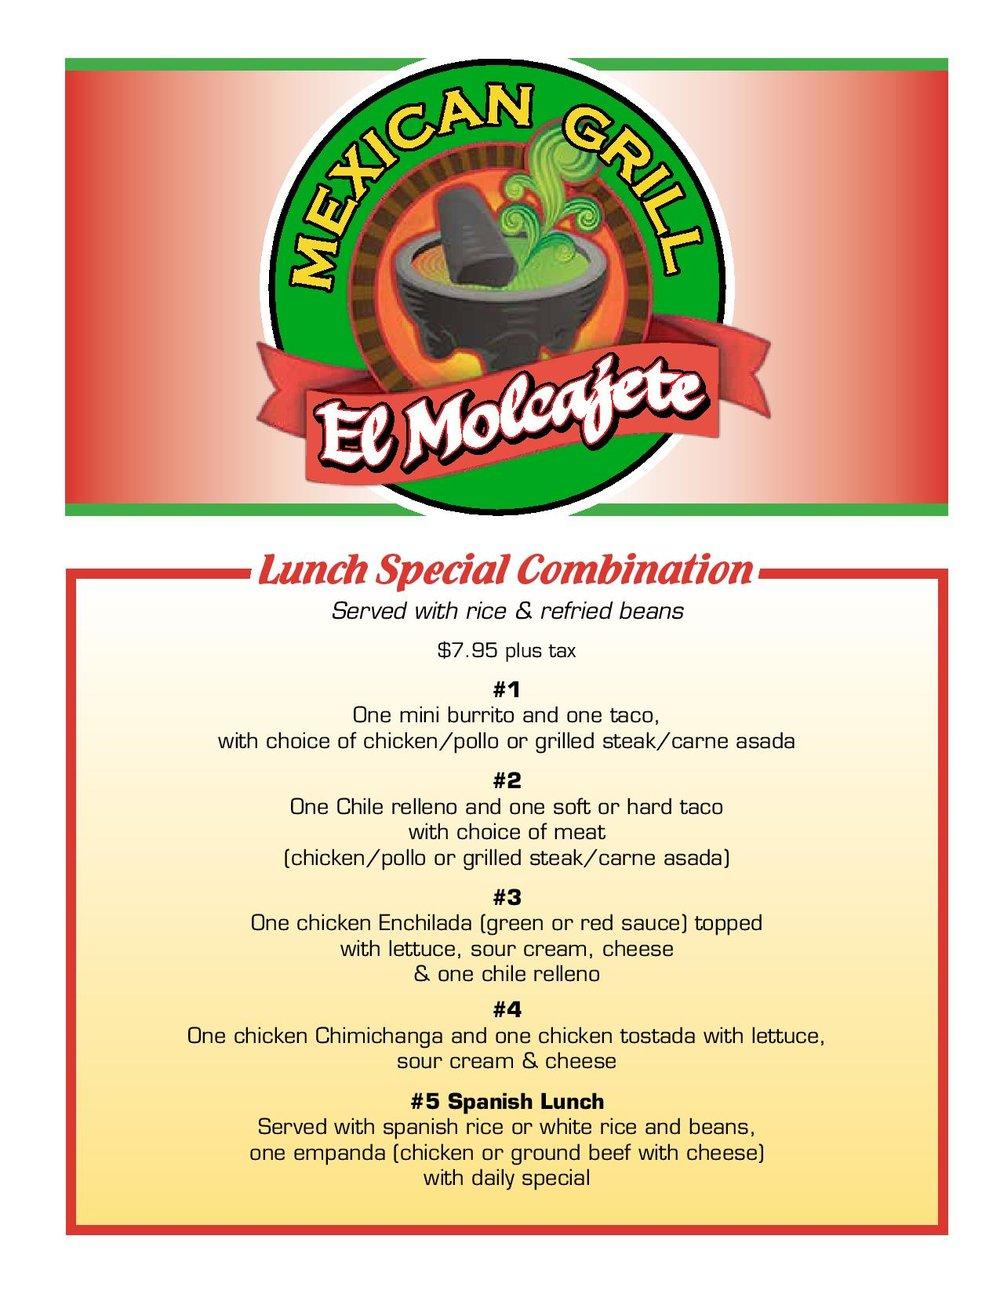 El Molcajete Menu (page 1)